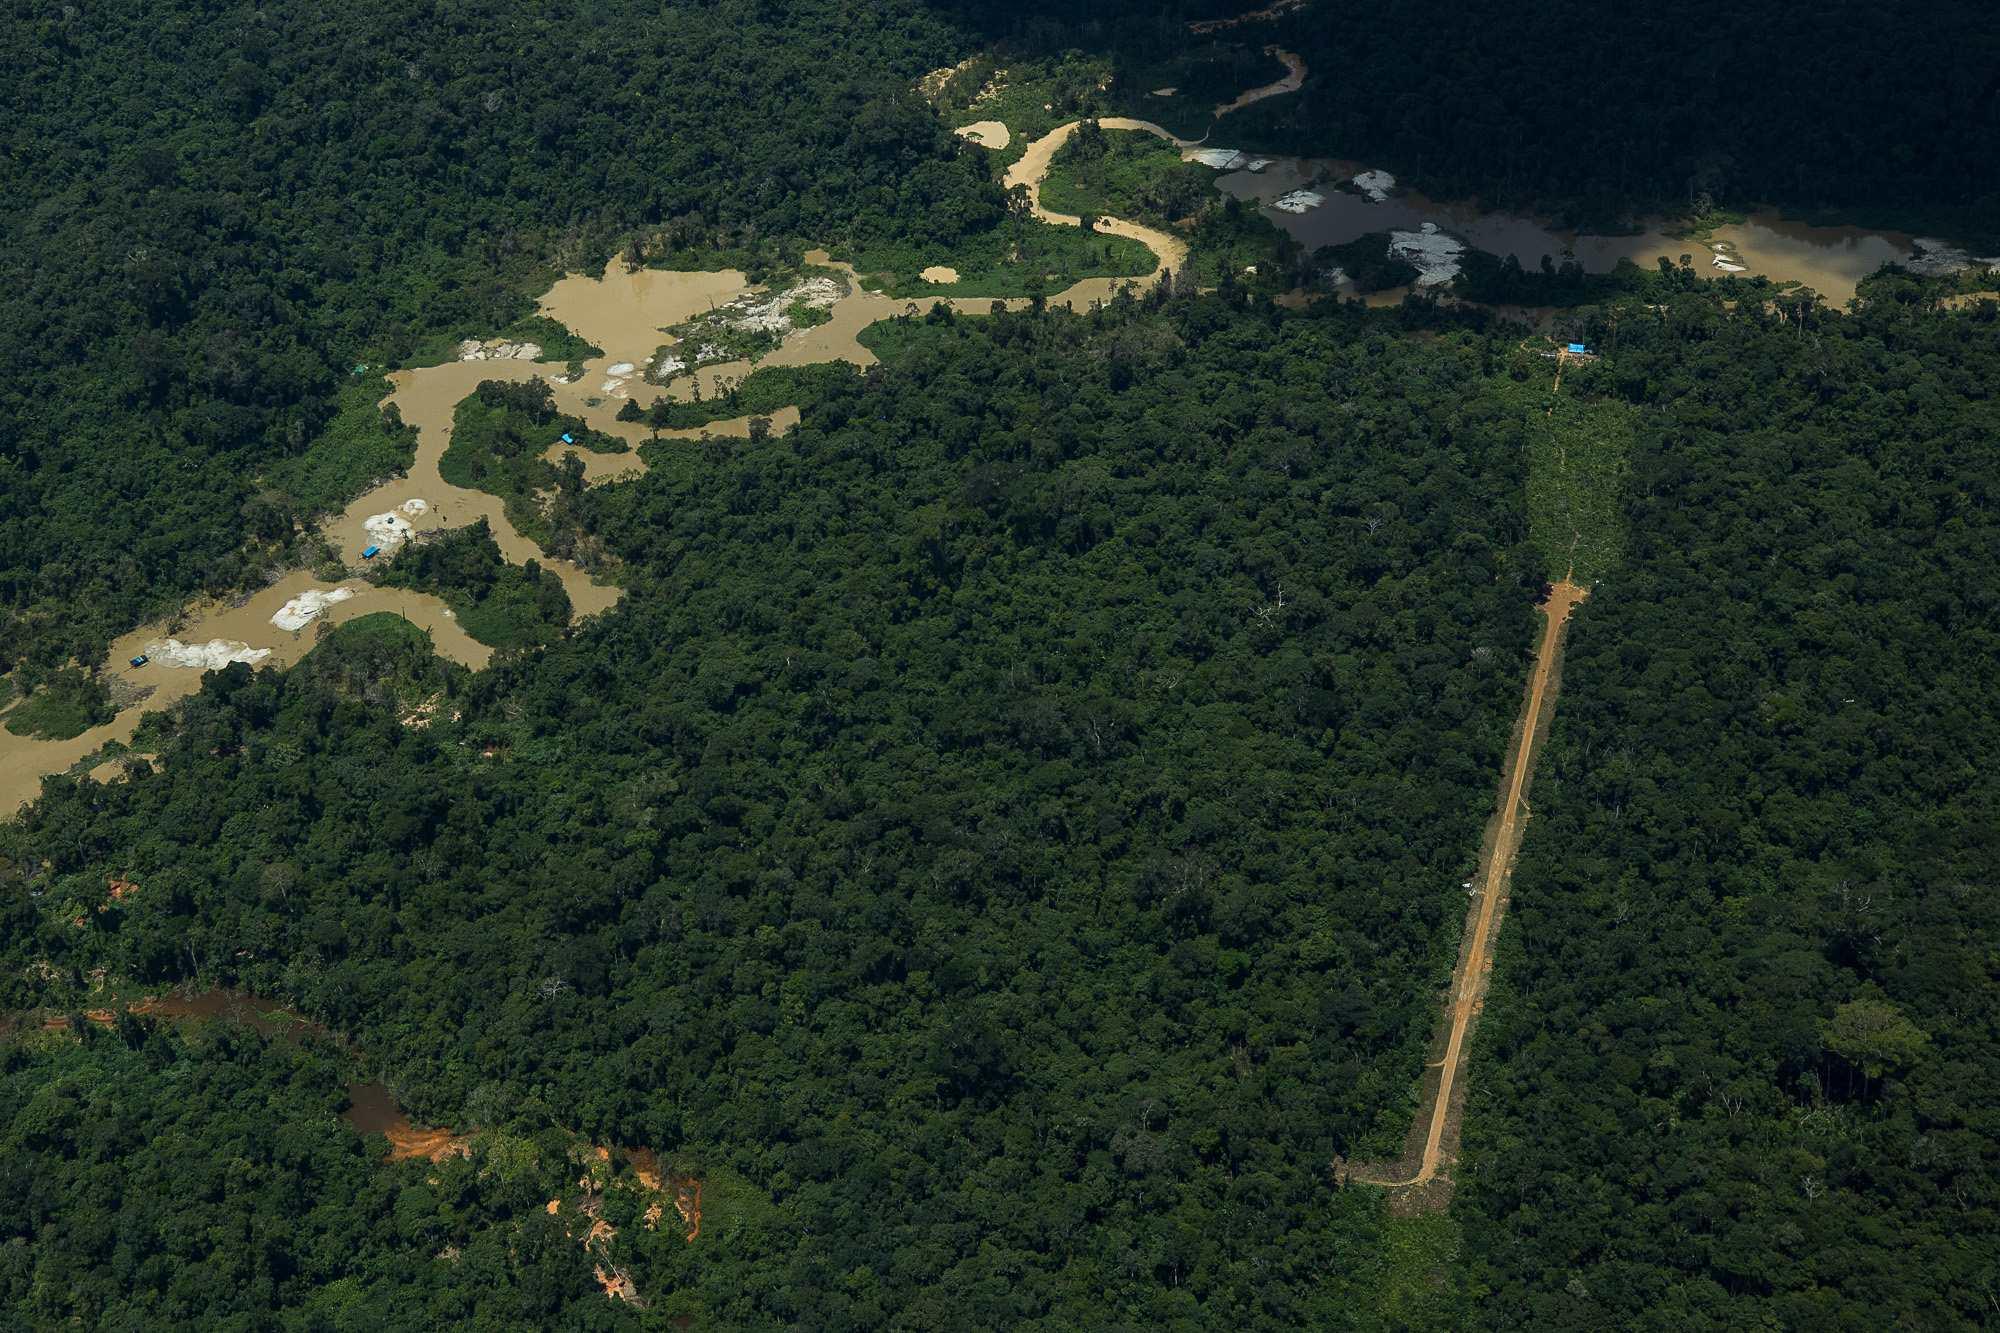 atividade garimpeira próxima ao rio Couto de Magalhães, na TI Yanomami;